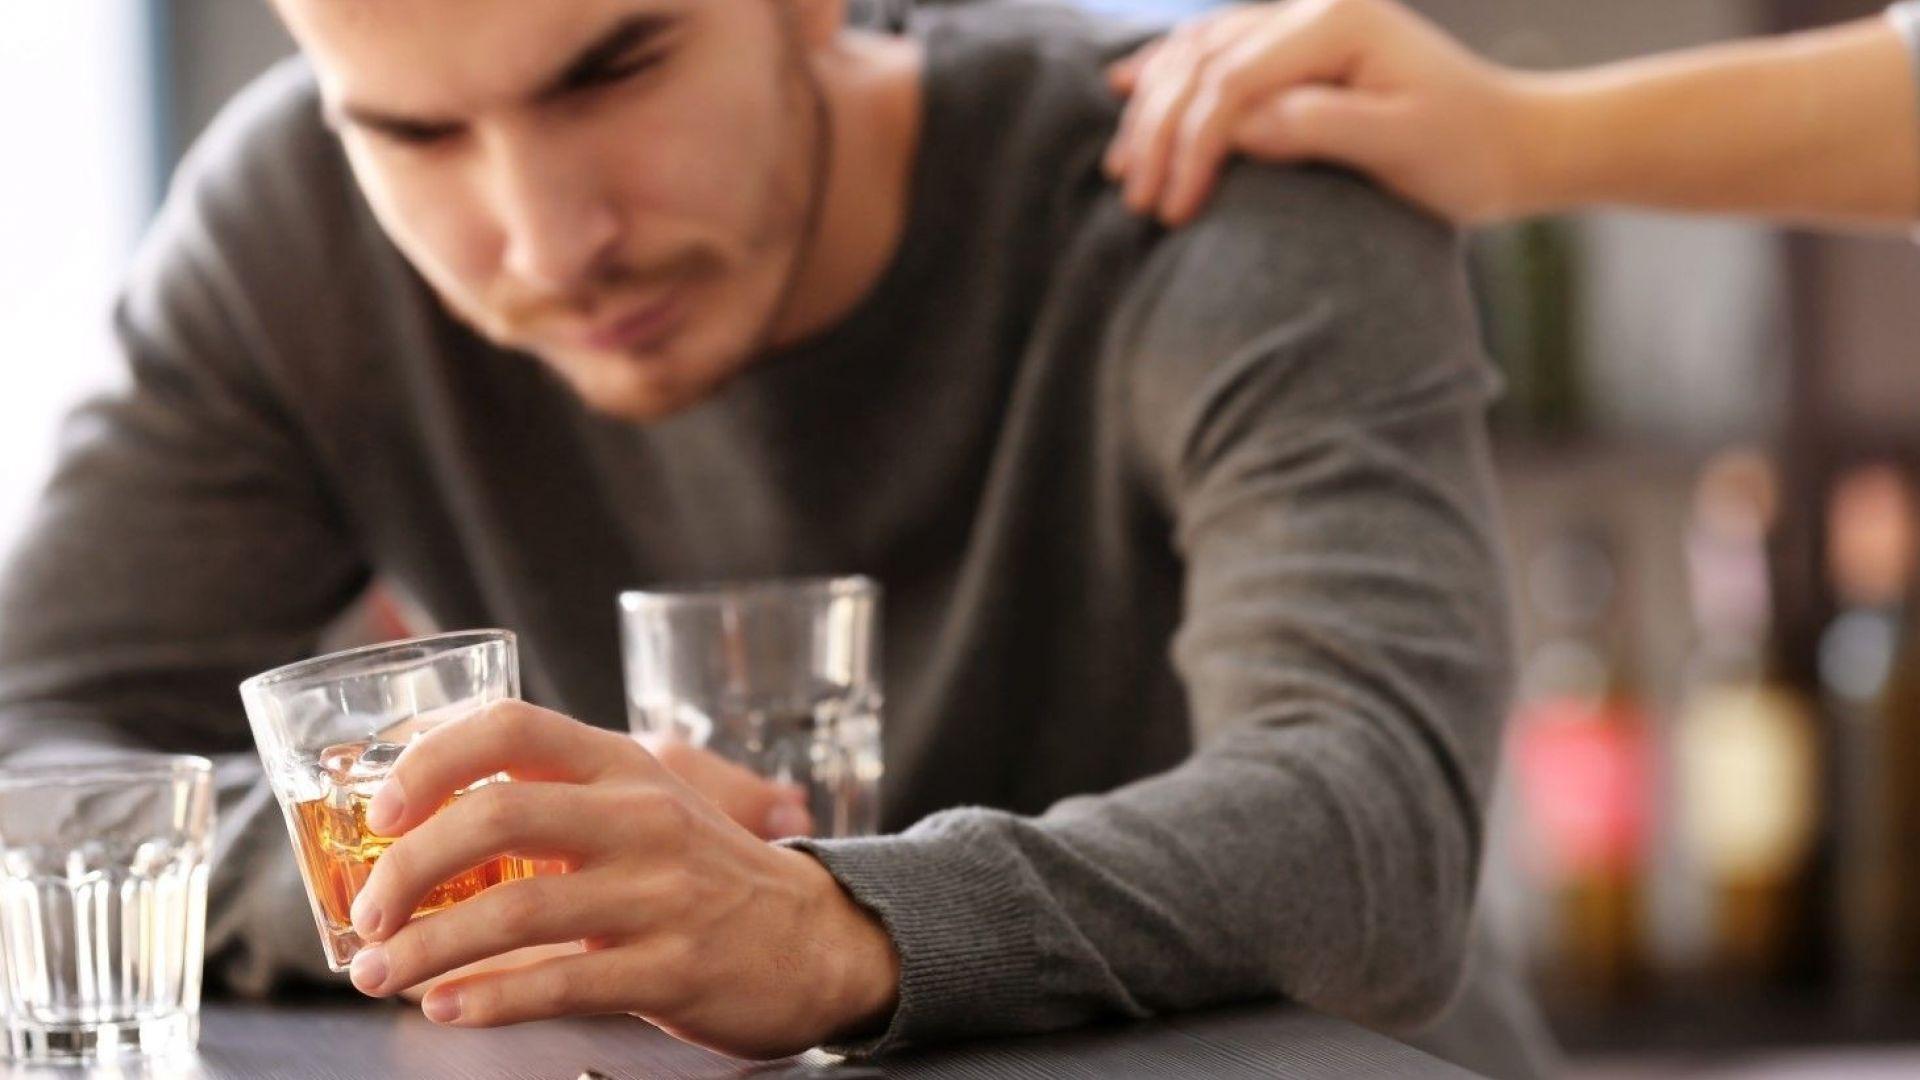 Помощь больным алкоголизмом: алгоритм терапии, реабилитация